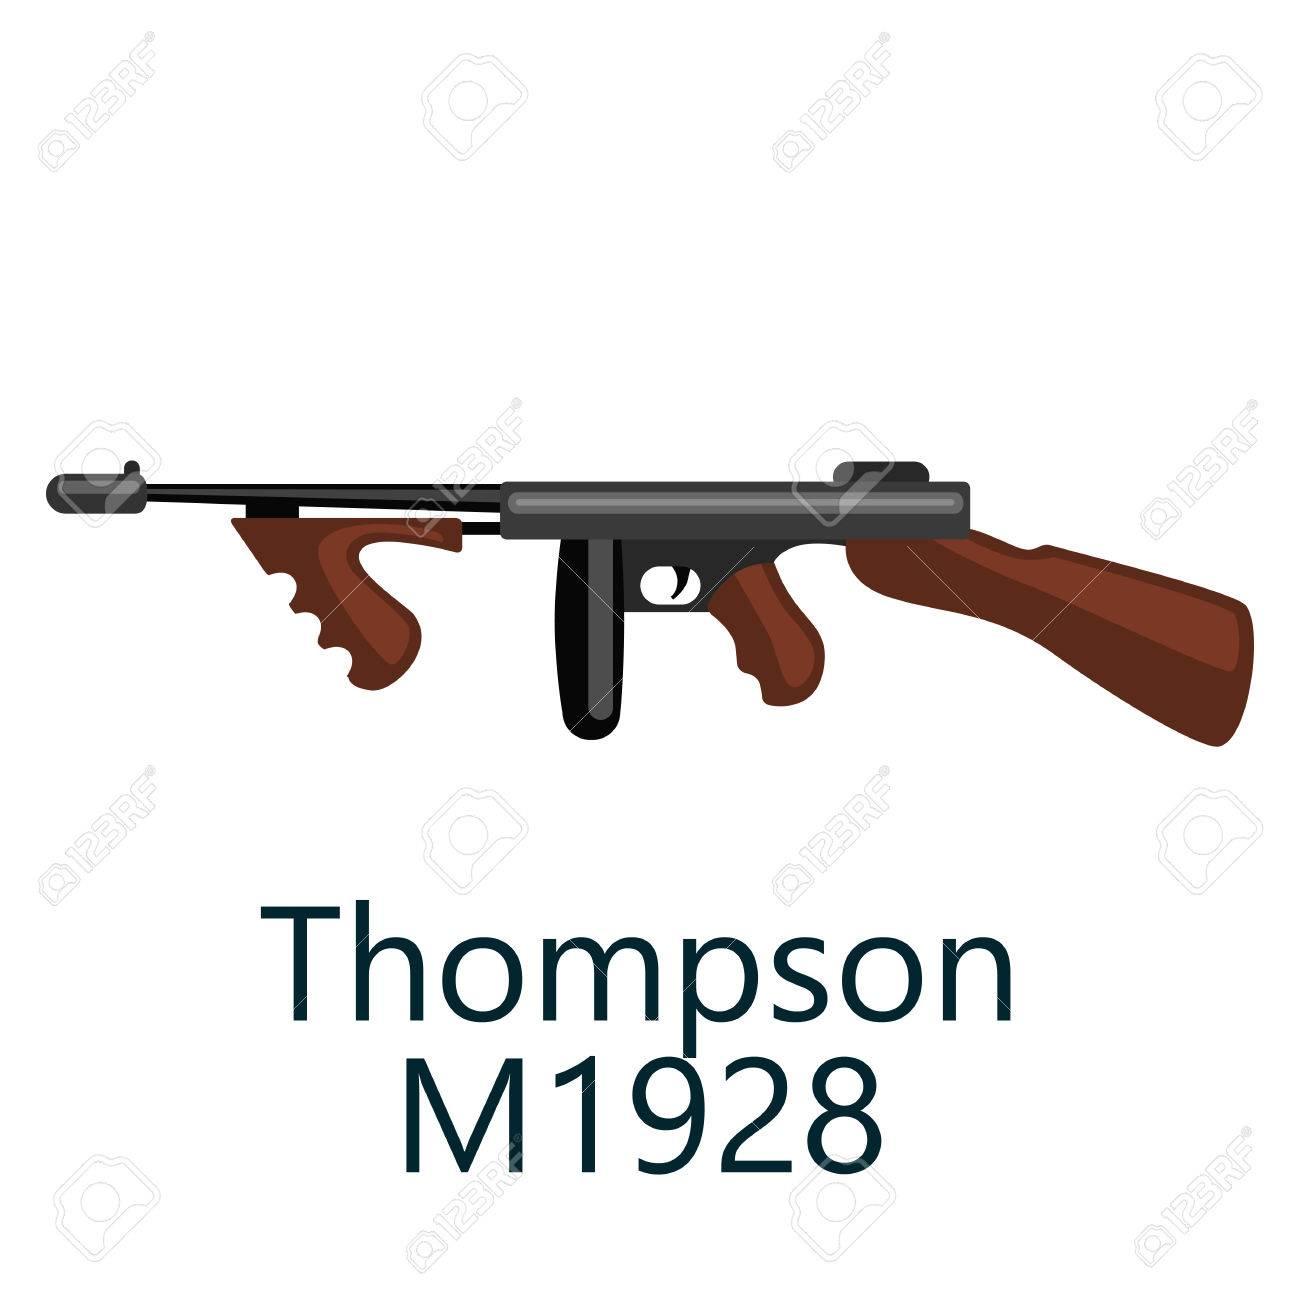 トムソン機 1920 1930 ギャングの銃お気に入りの武器 ベクトル漫画の